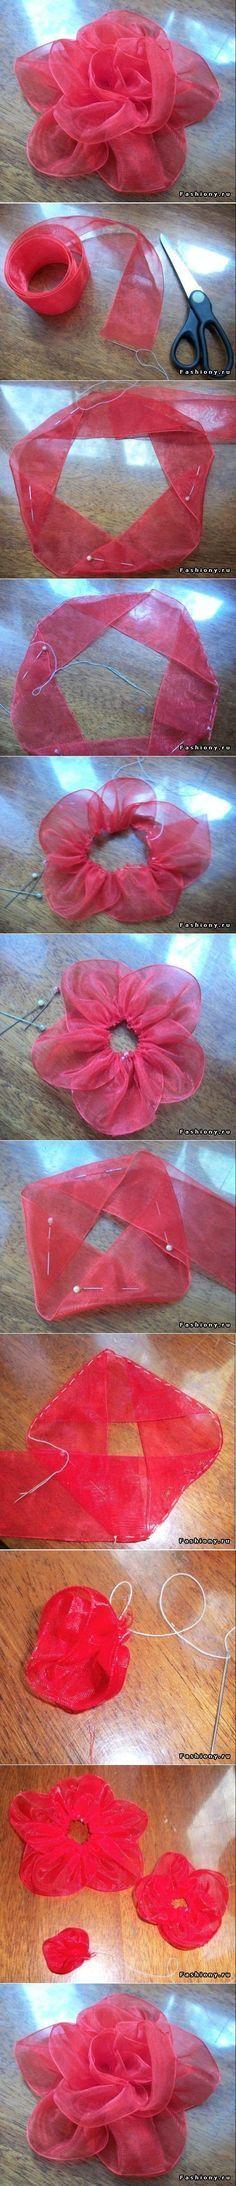 Flores faceis de confeccionar ,bastaolhar as imagens Flor feita com fitas De tecido De feltro De fita ...